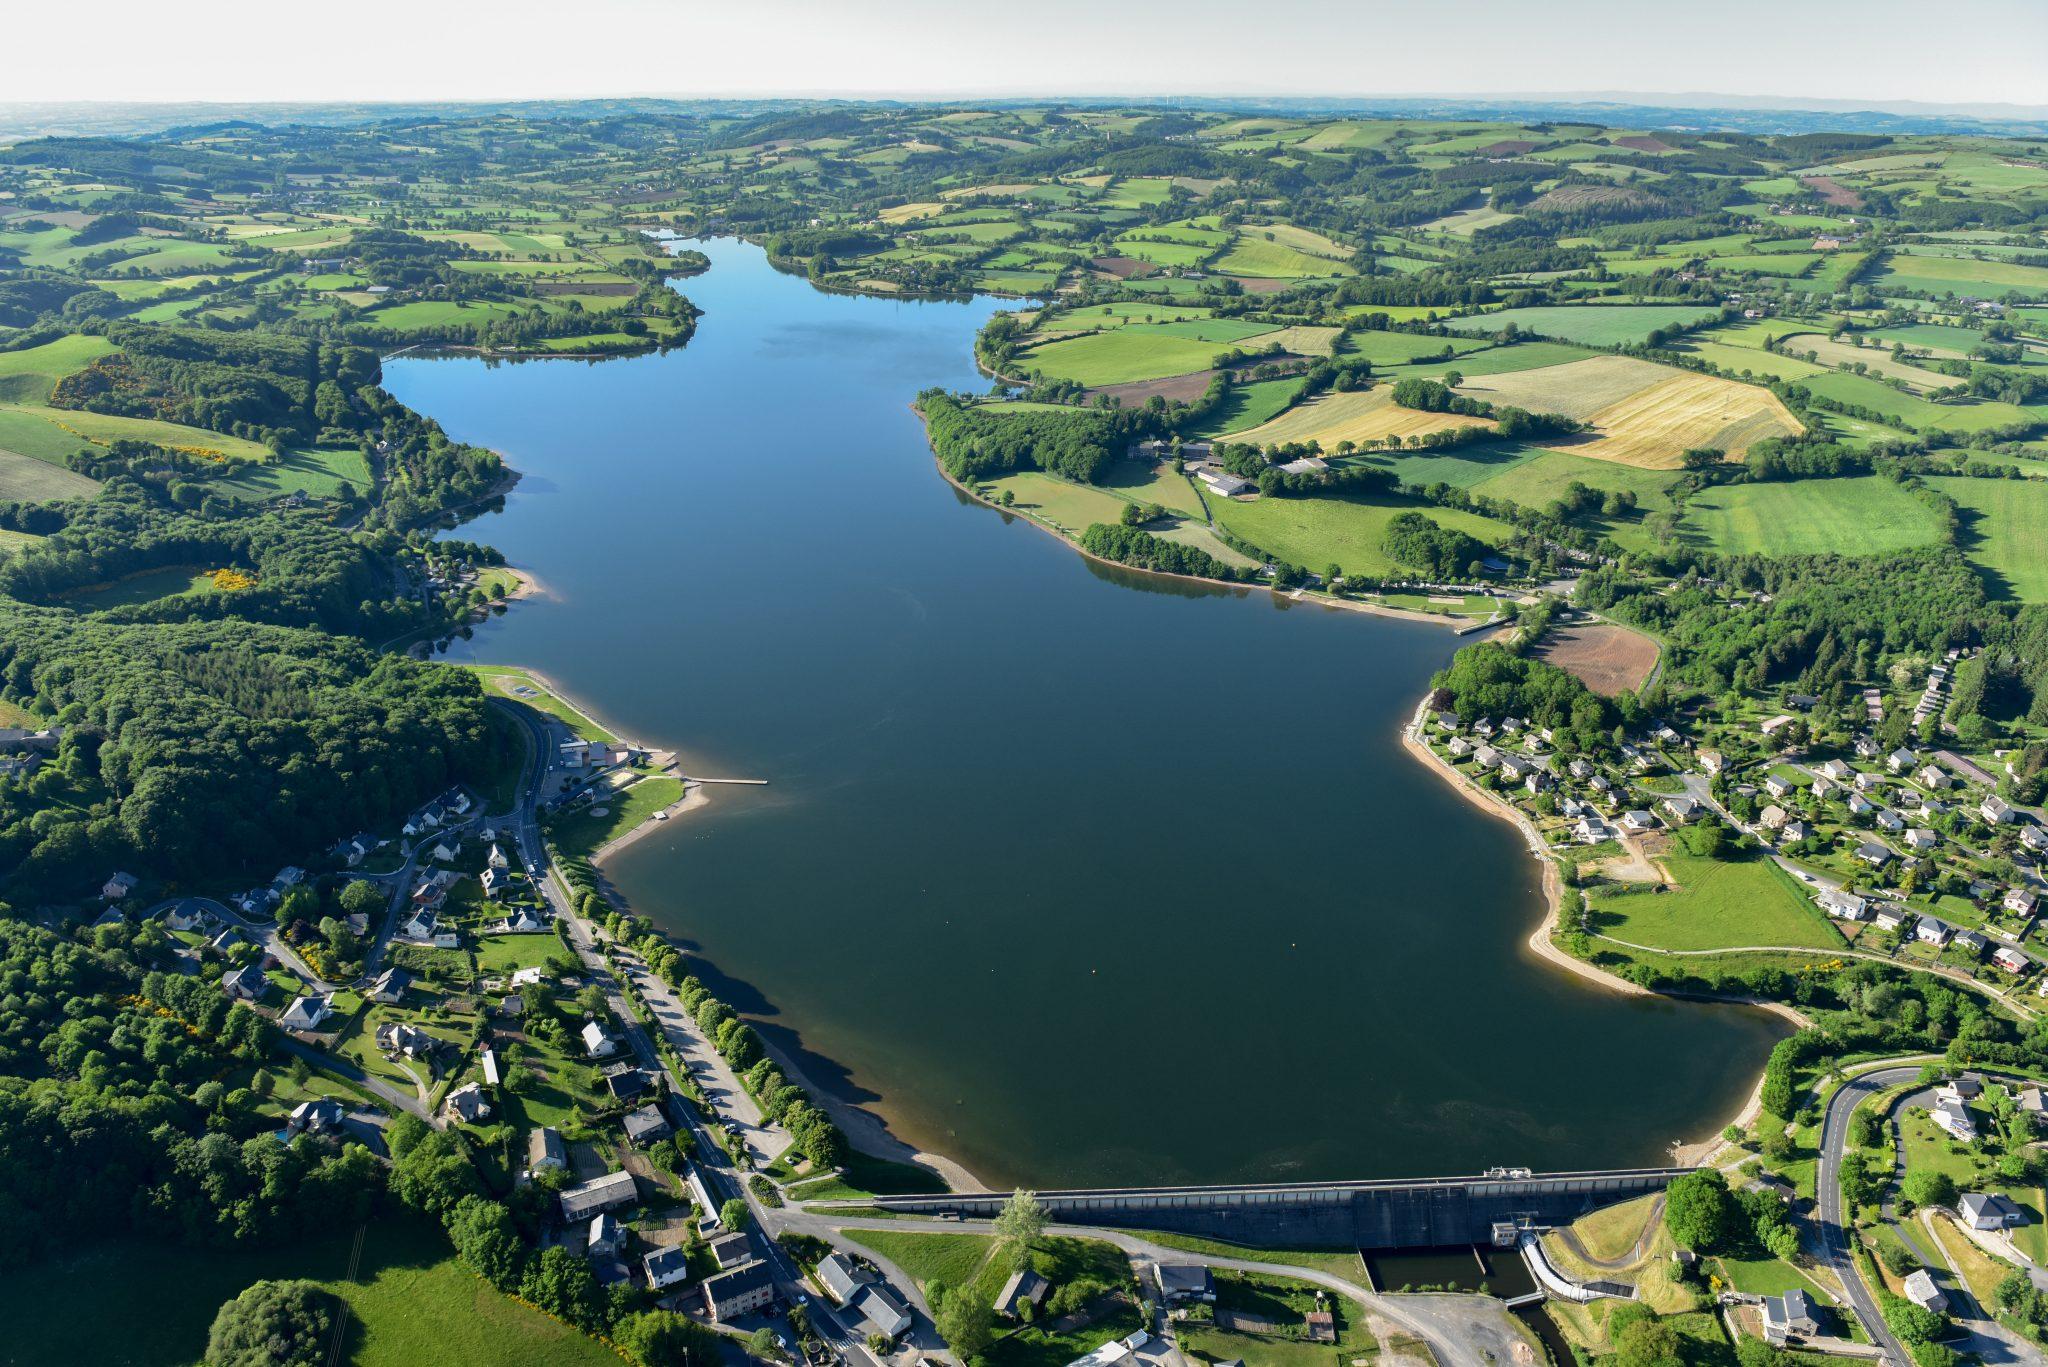 barrage-lac-villefranche-panat-alrance-levezou-aveyron